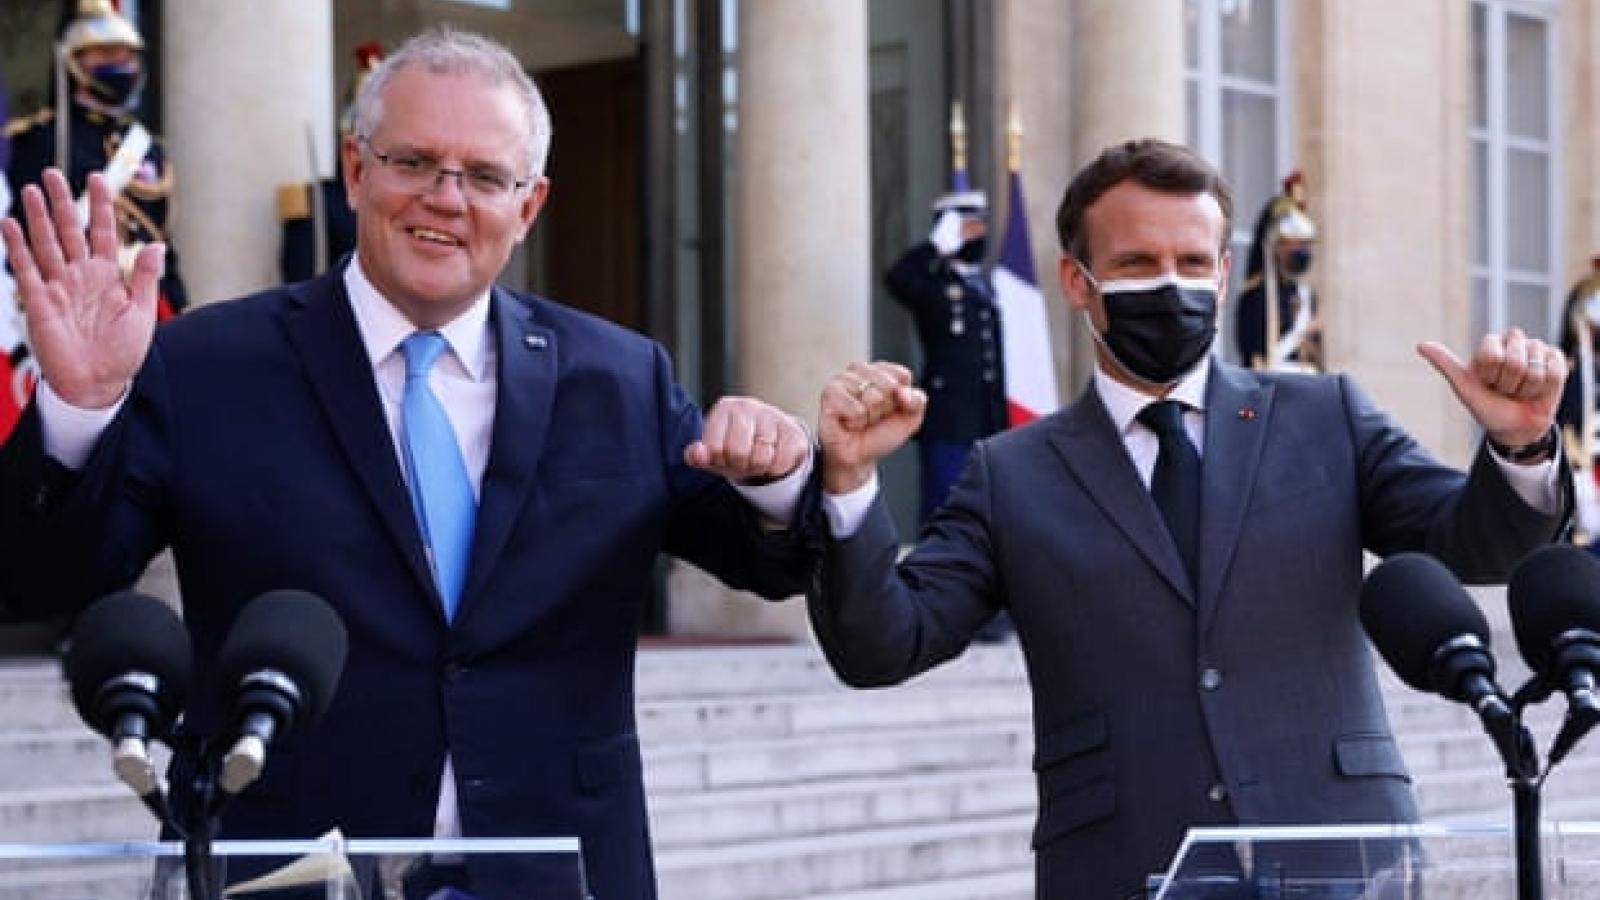 Vì sao Australia hủy hợp đồng tàu ngầm với Pháp để đối lấy thỏa thuận AUKUS?